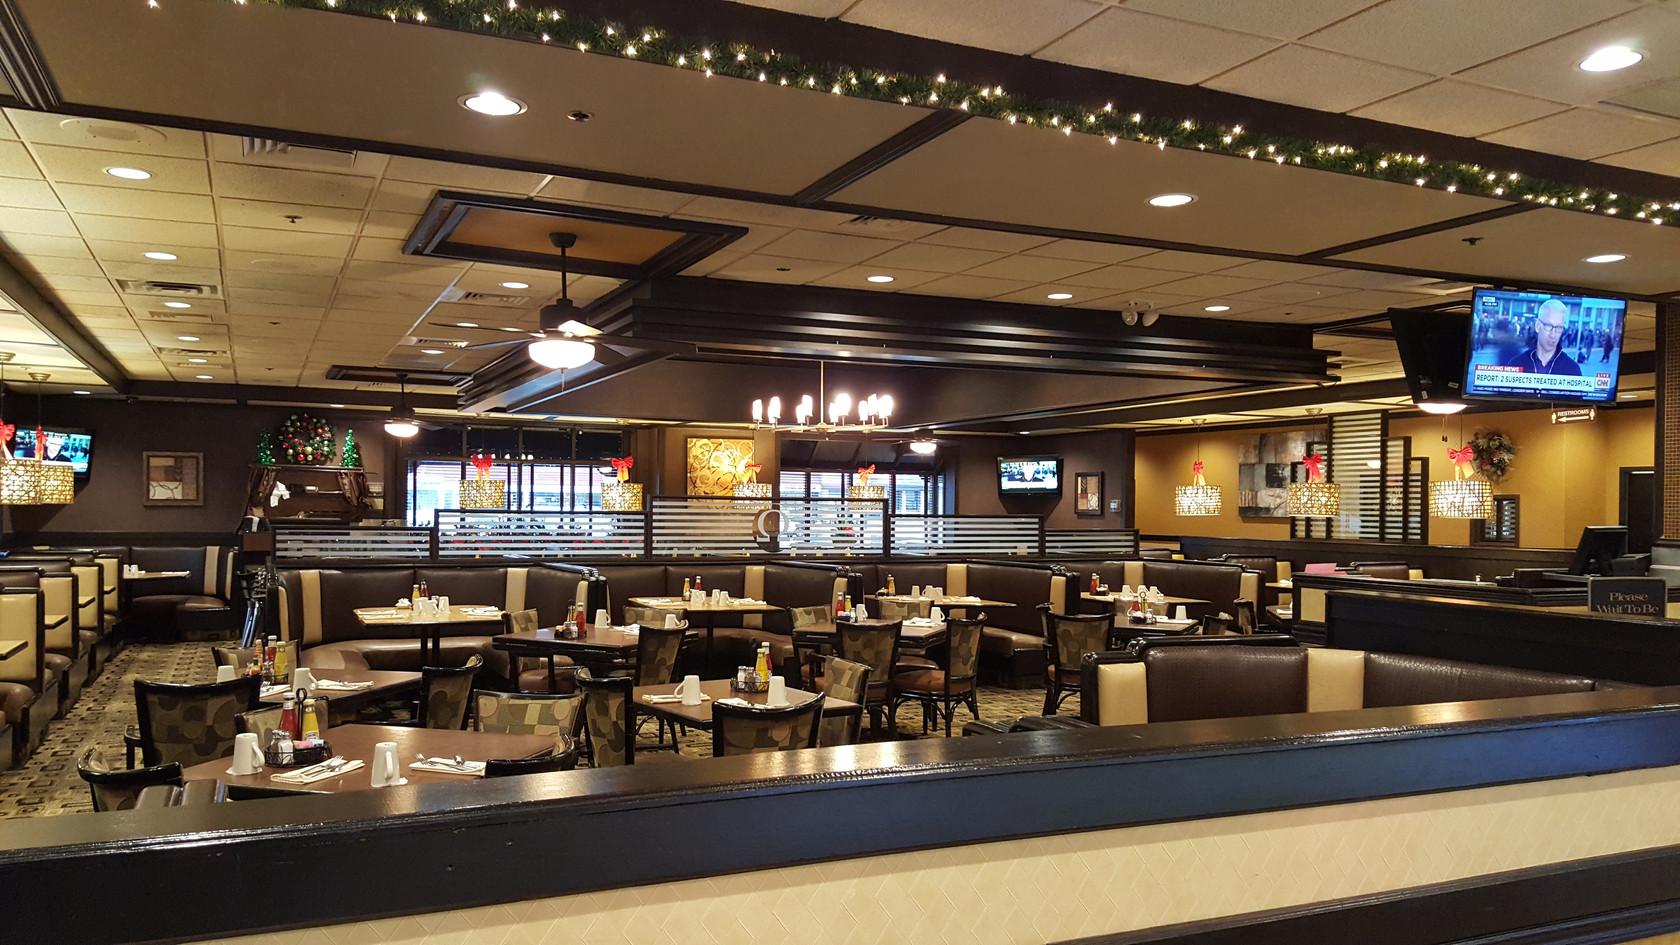 Omega Restaurant & Bakery